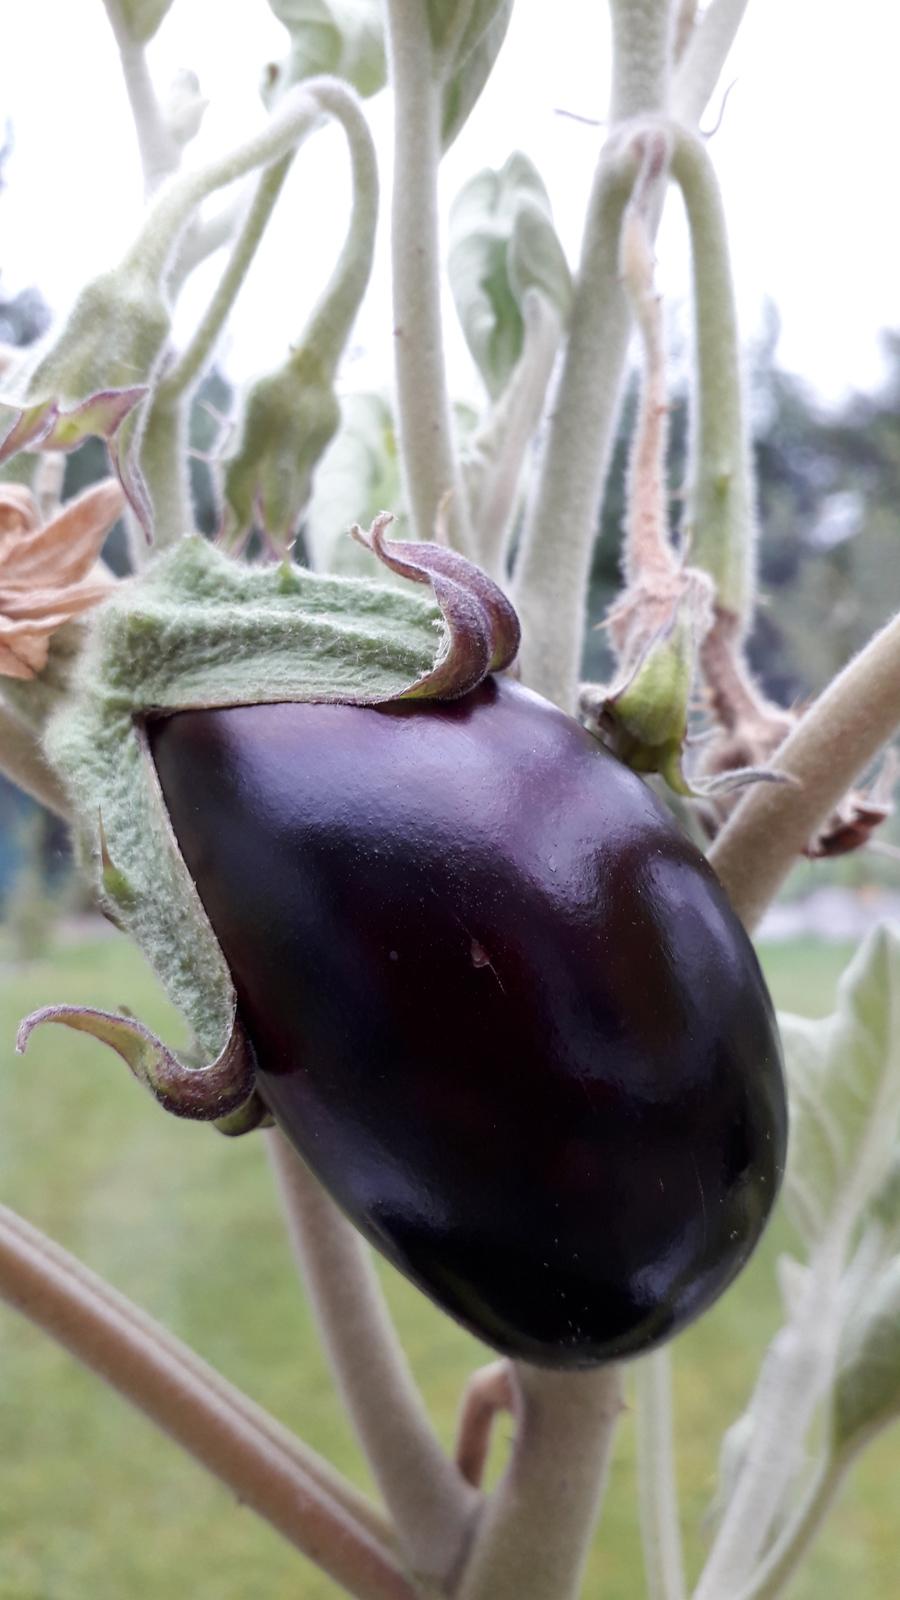 close up of aubergine